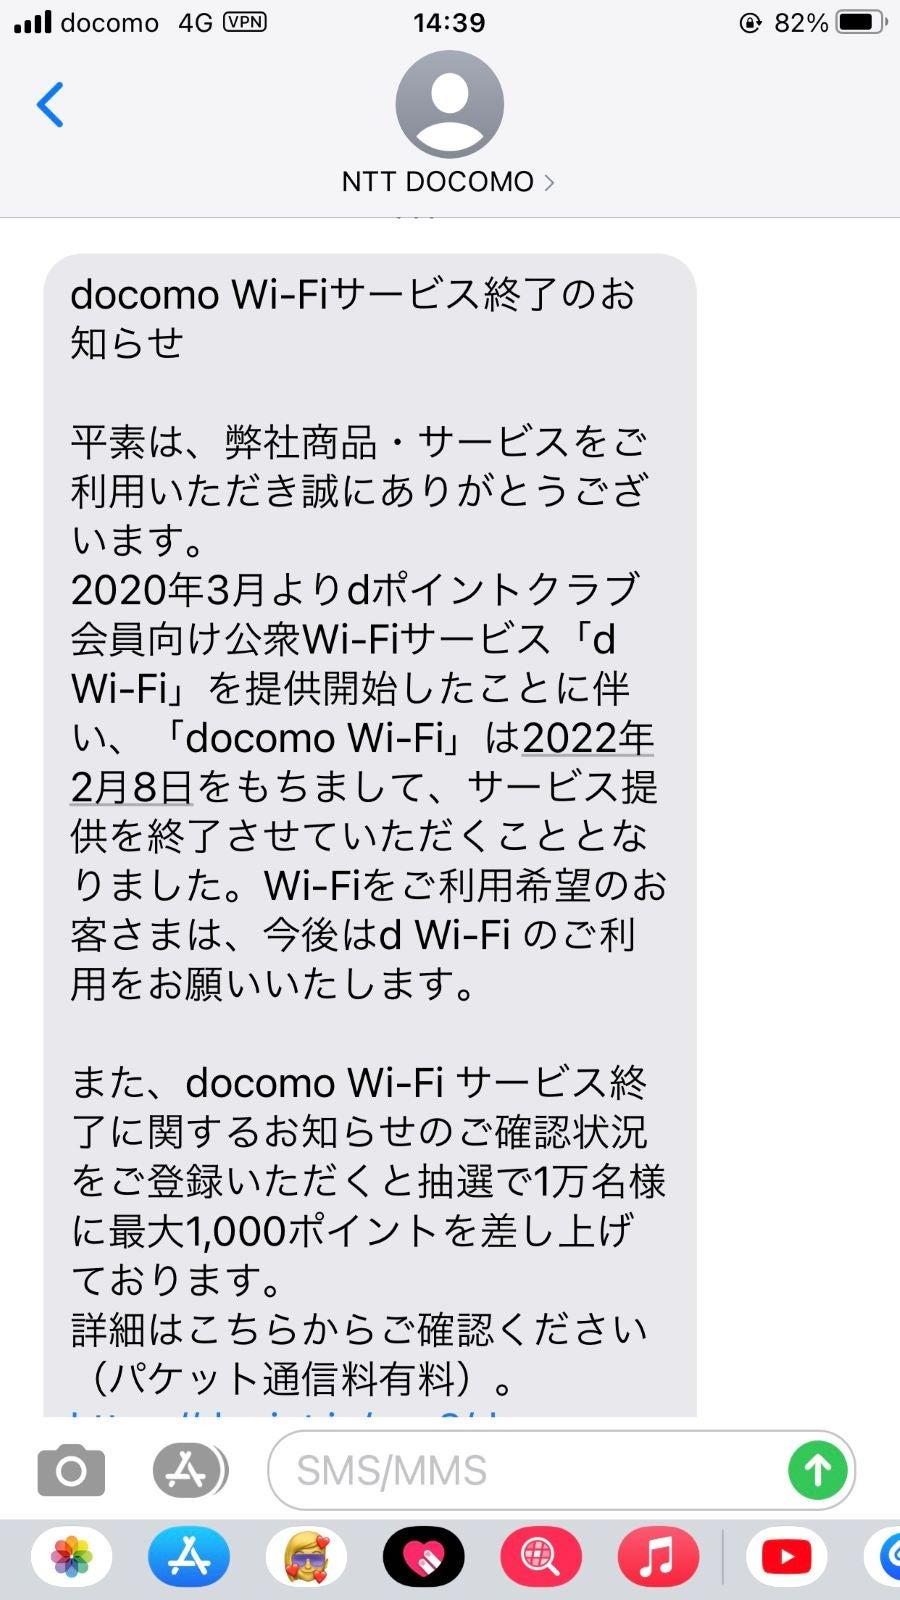 ワイファイ サービス 終了 ドコモ docomo Wi